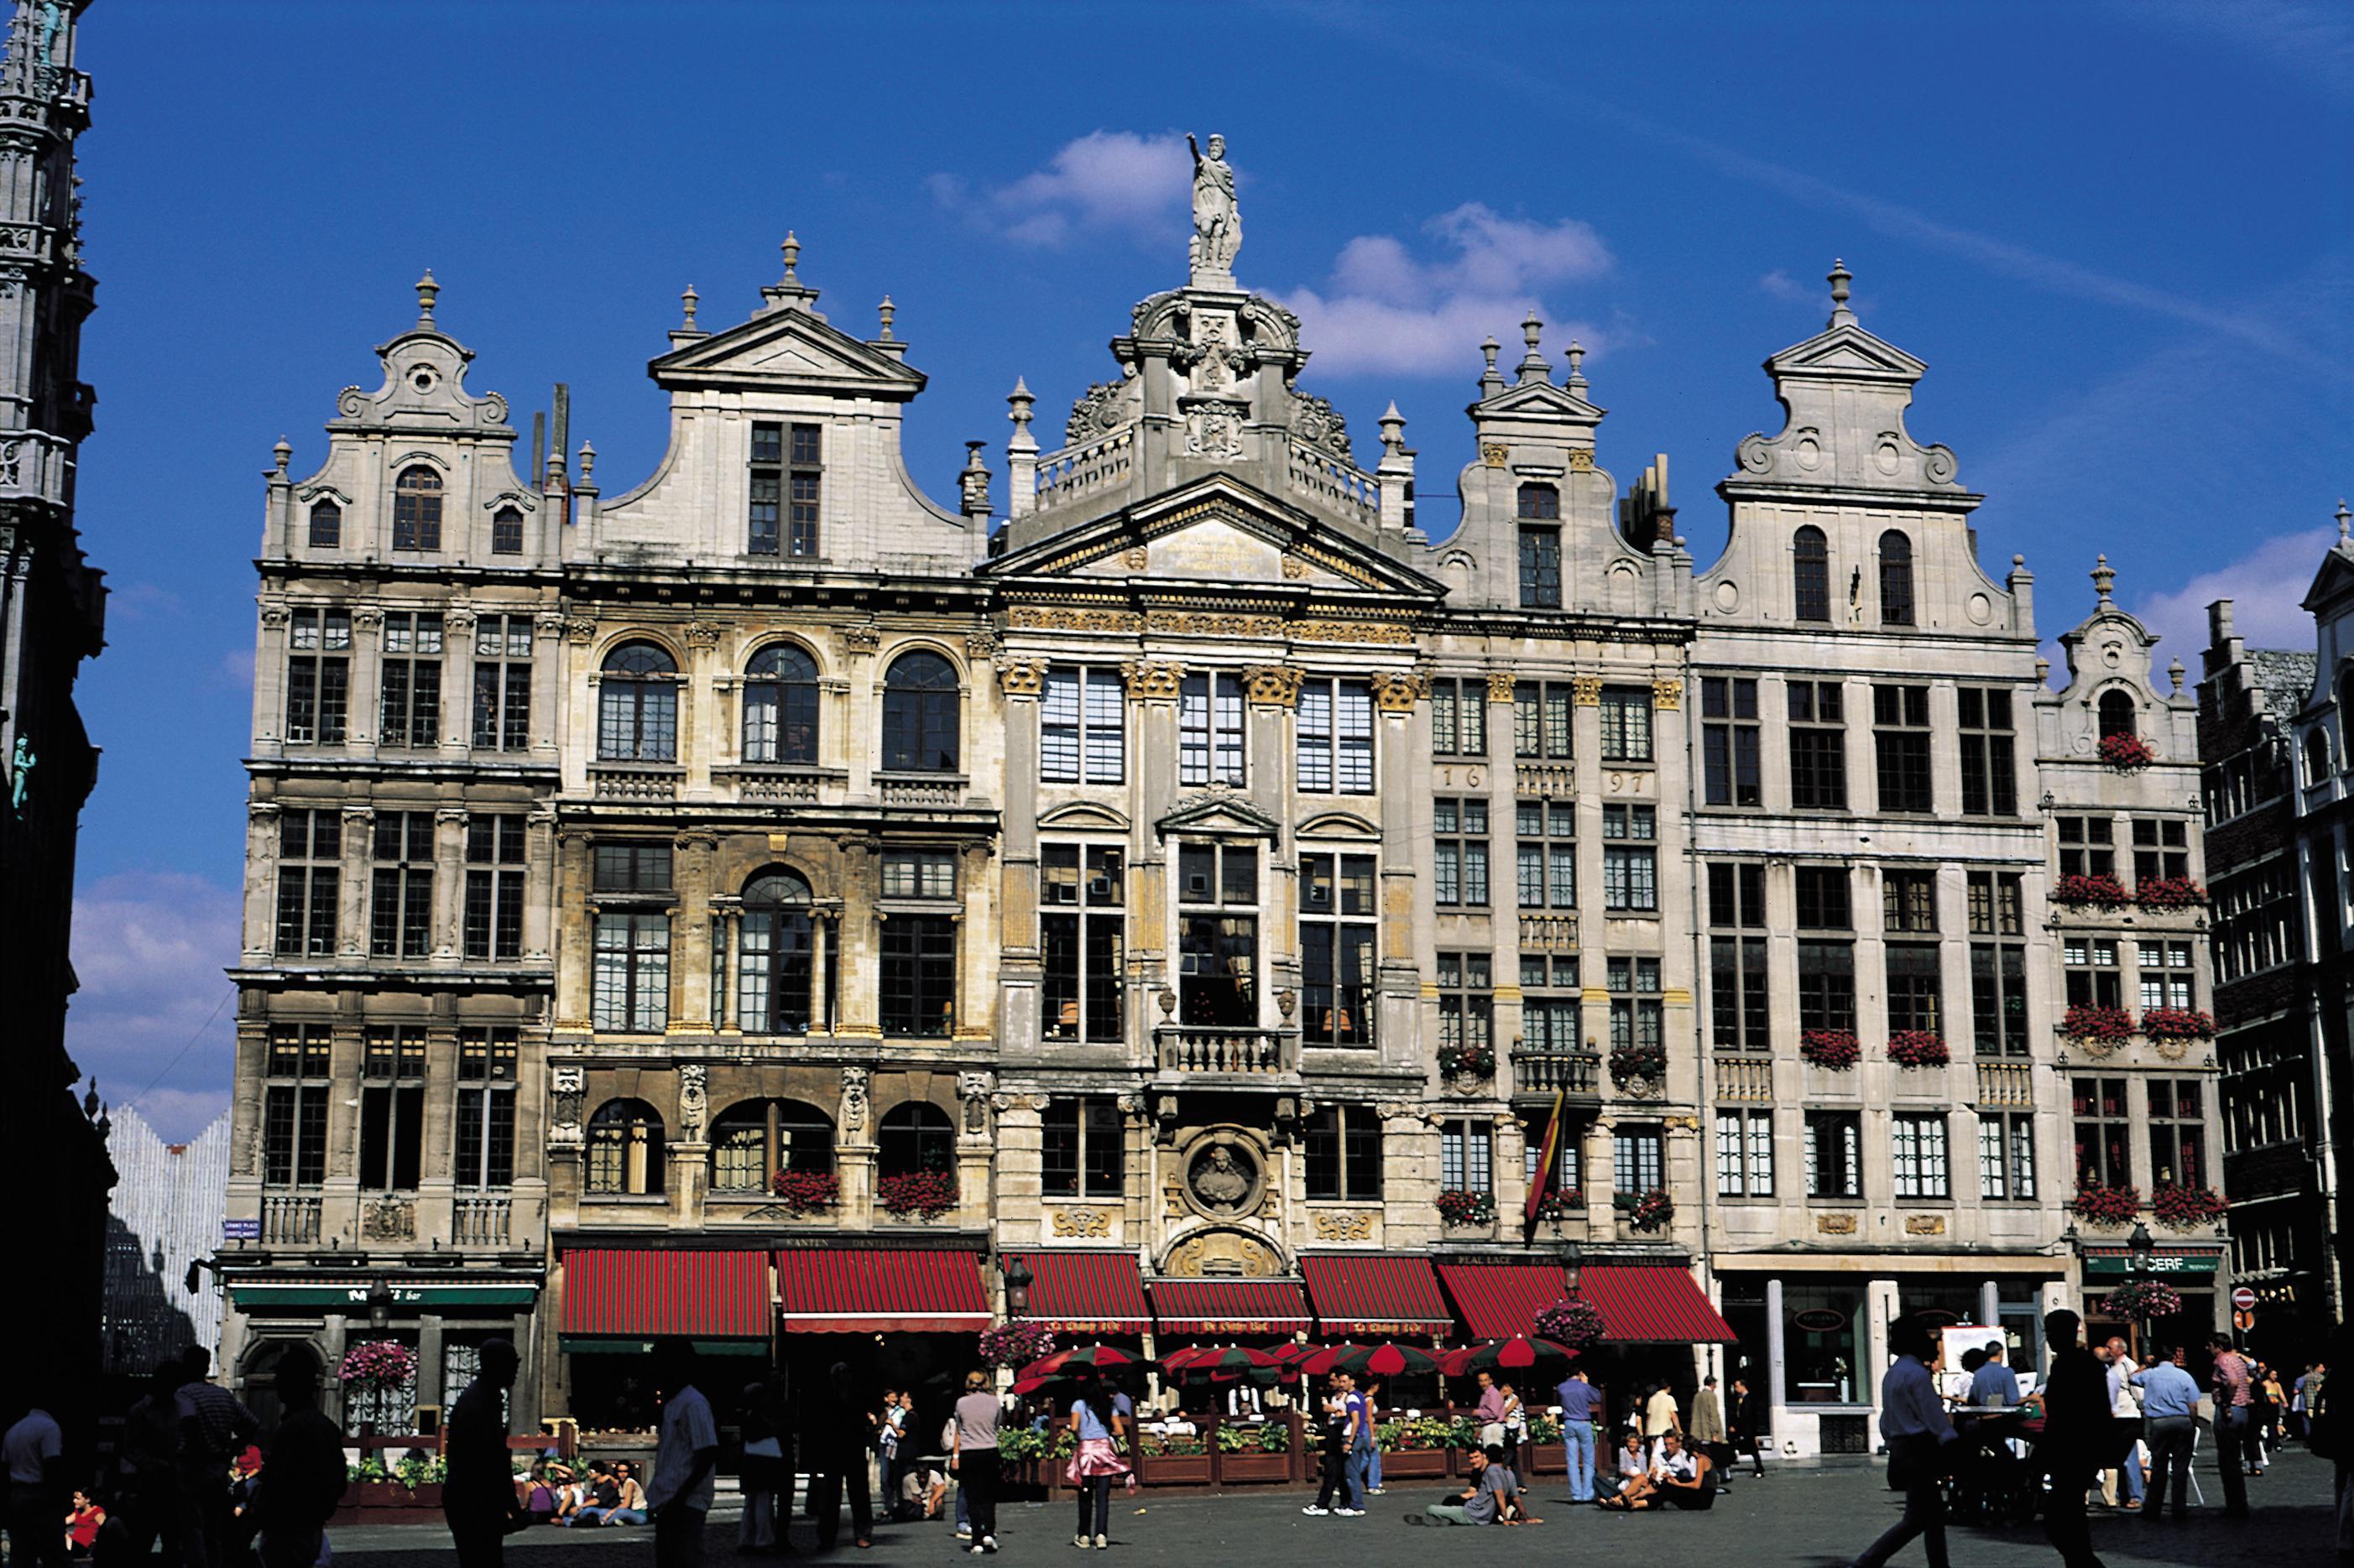 """Capitale sorprendente, Bruxelles sconvolge gli stereotipi, e meno male. Francese ma anche fiamminga, europea e non troppo lontana, la prima città belga riesce nell'impresa di piacere a tutti i viaggiatori. I più giovani vi trascorrono nottate all'insegna di una genuina cordialità che Parigi non sempre offre. I meno giovani si spostano tra negozi e mercati d'antiquariato. Gli """"shopping addicts"""" conoscono ..."""